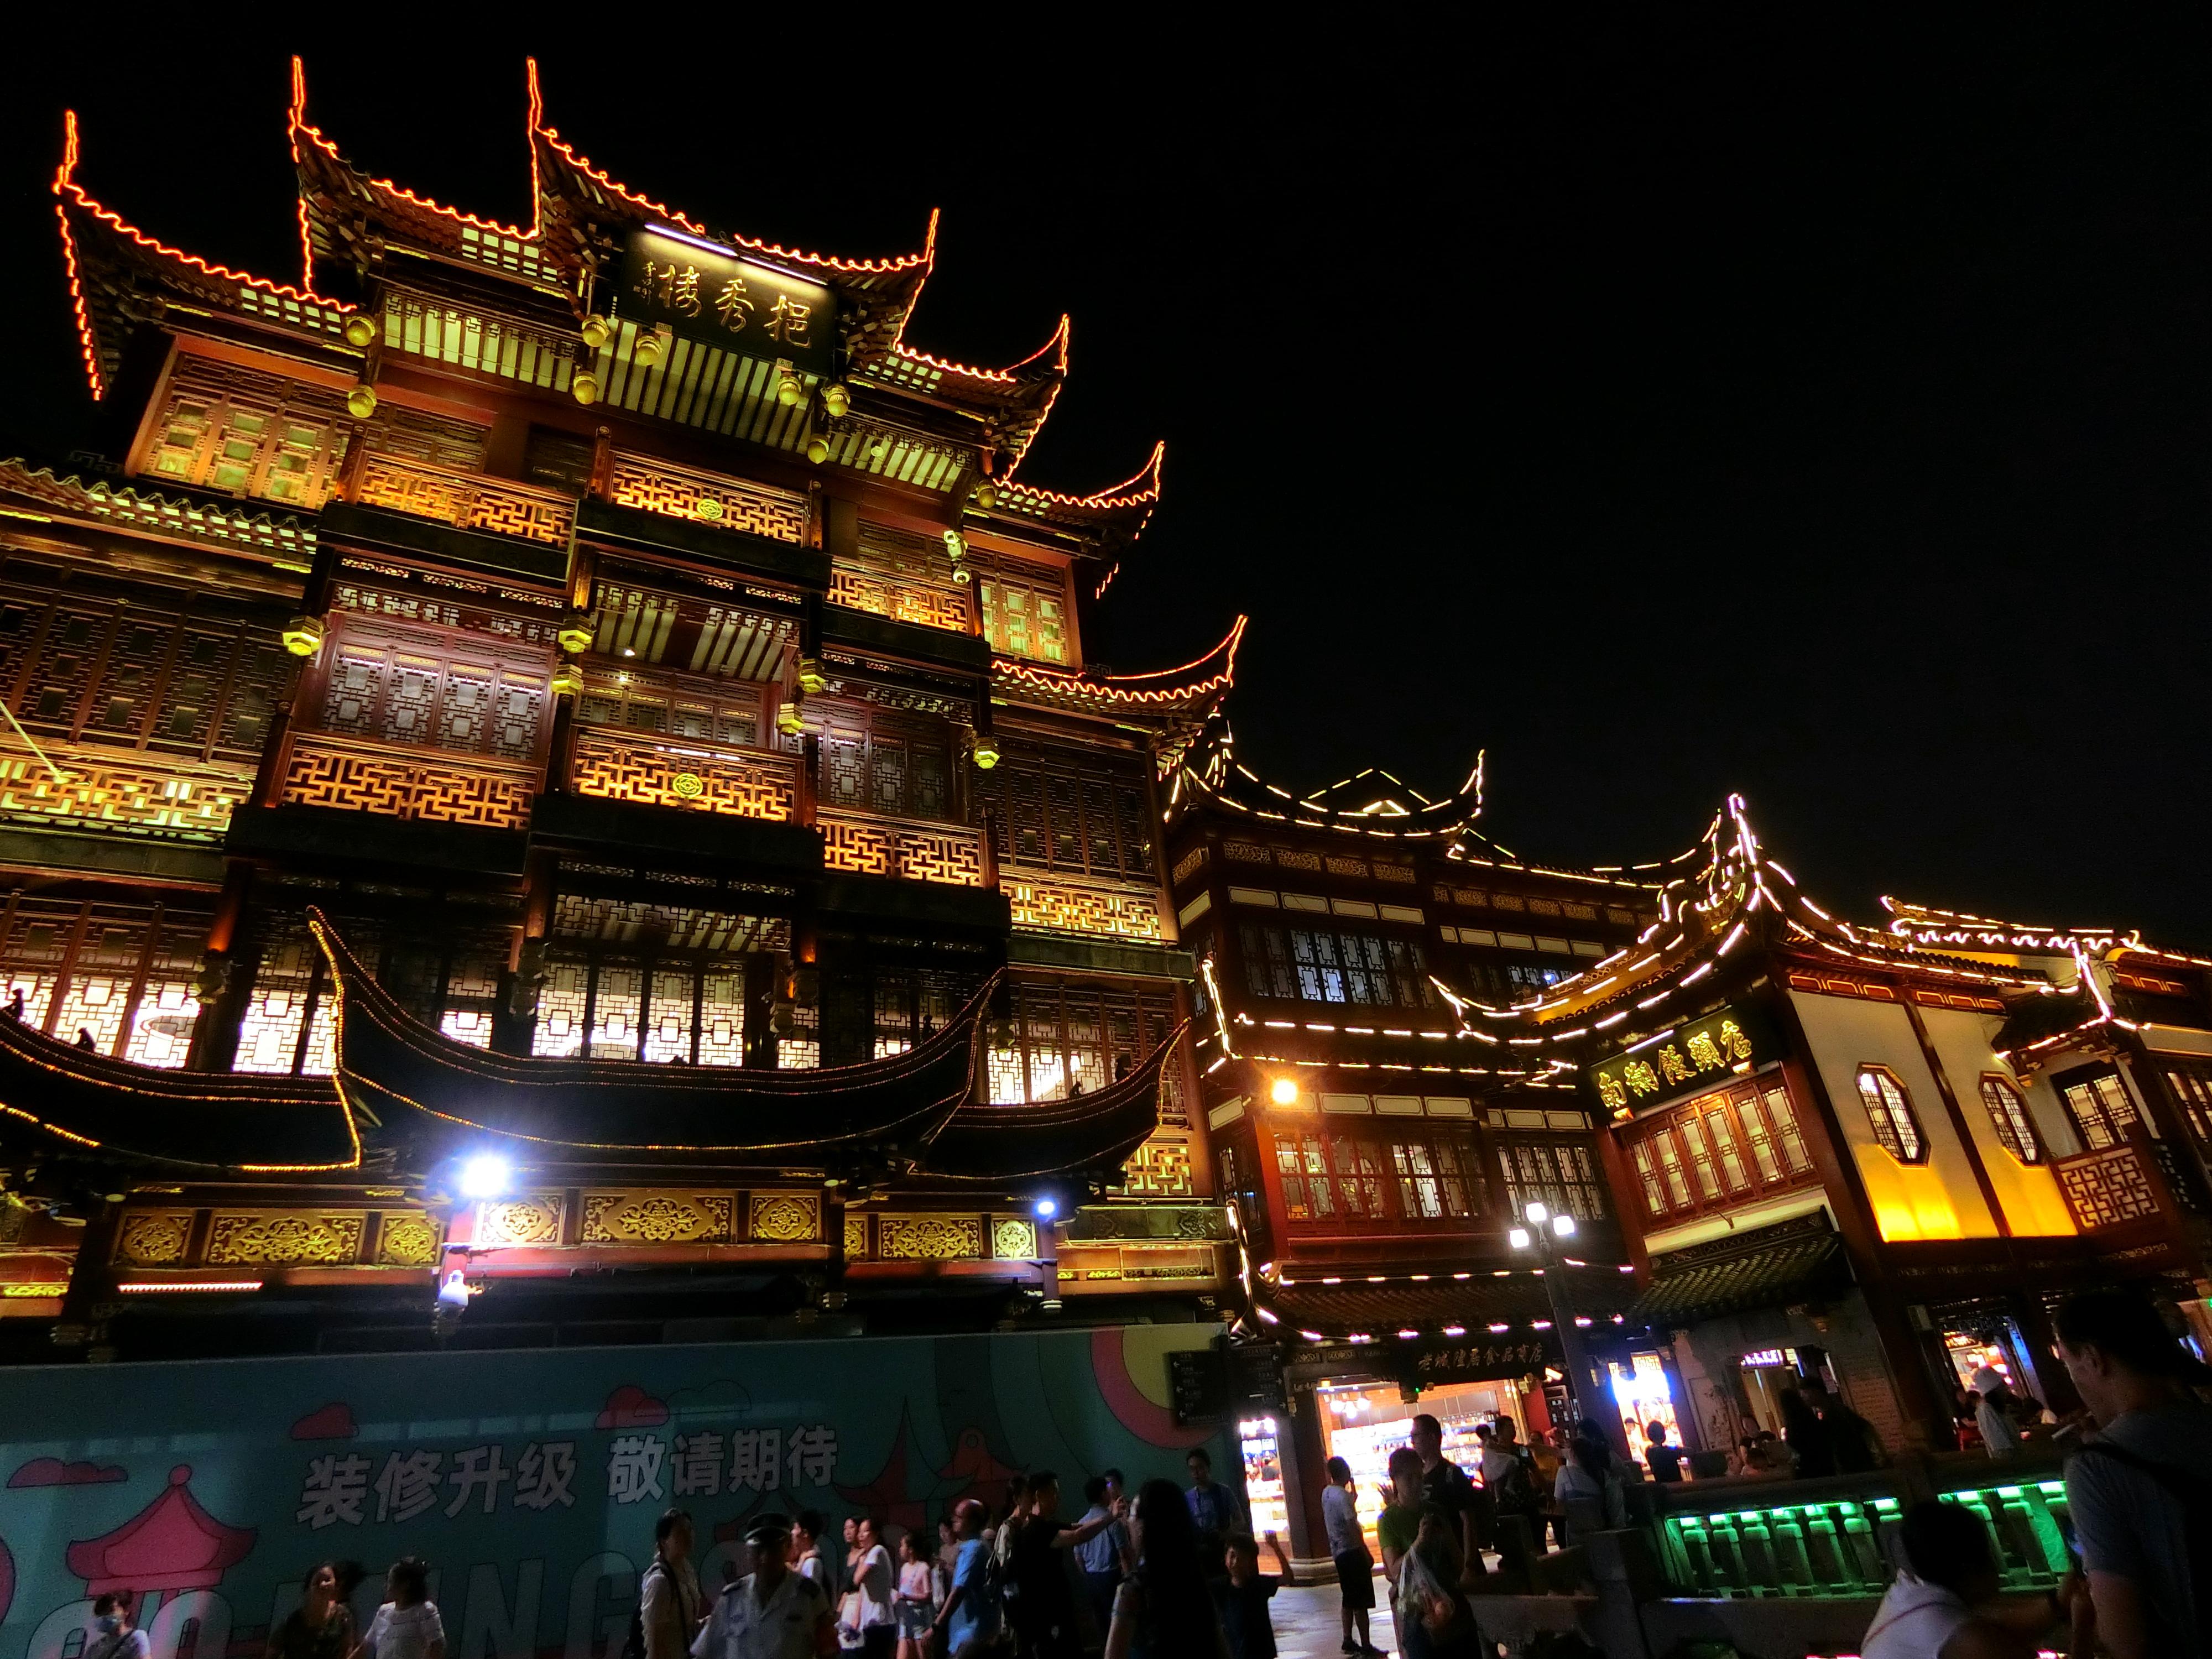 上海老街 SHANGHAI OLD STREET